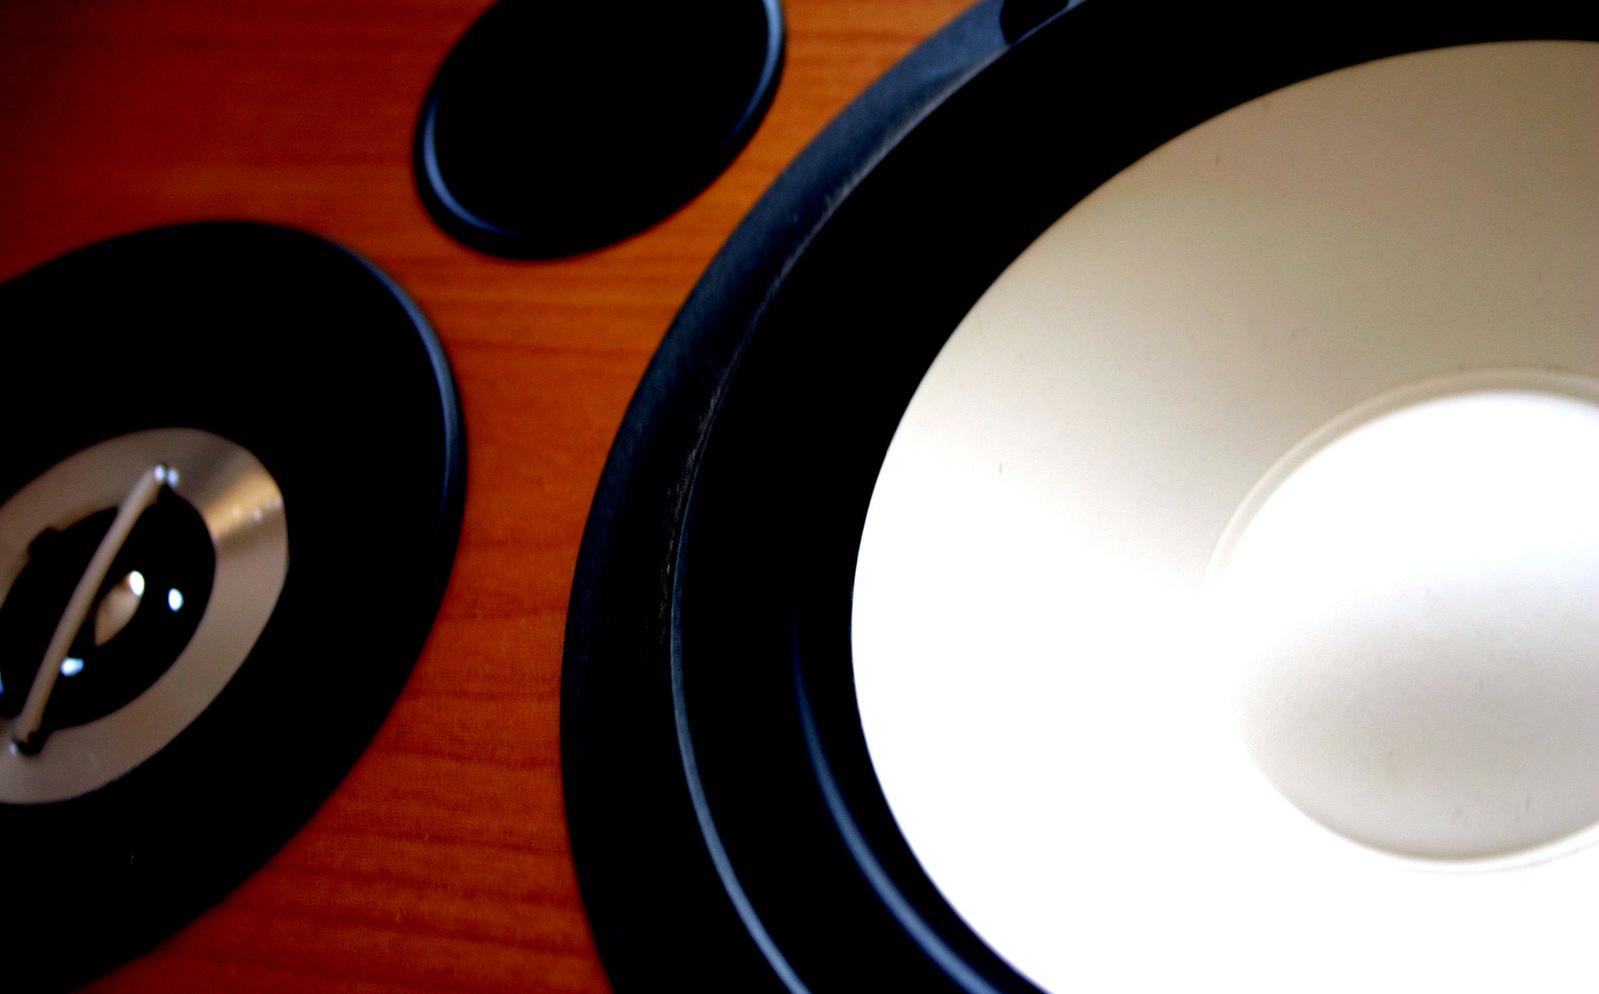 speaker-2-1533754-1599x993